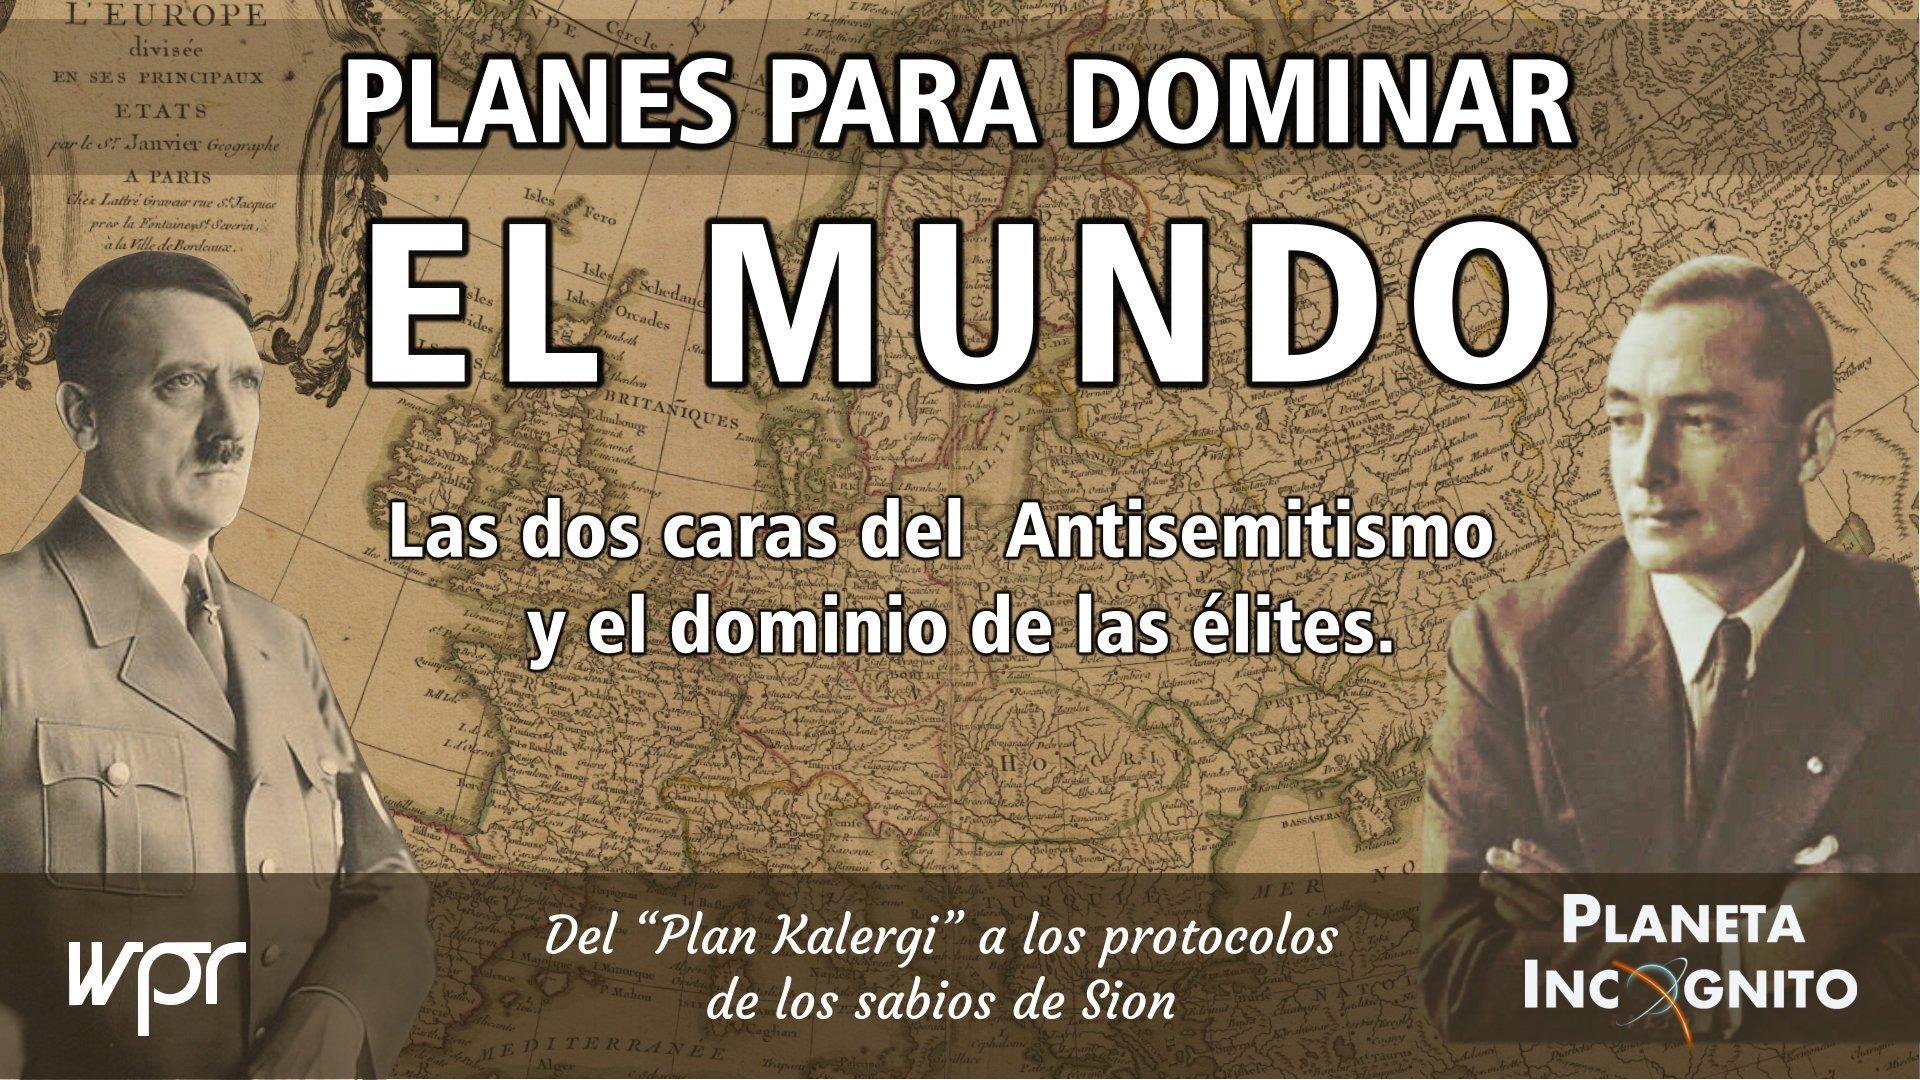 4x22 PLANES PARA DOMINAR EL MUNDO -- De la conspiración del plan Kalergi a los protocolos de los sabios de Sión. 1